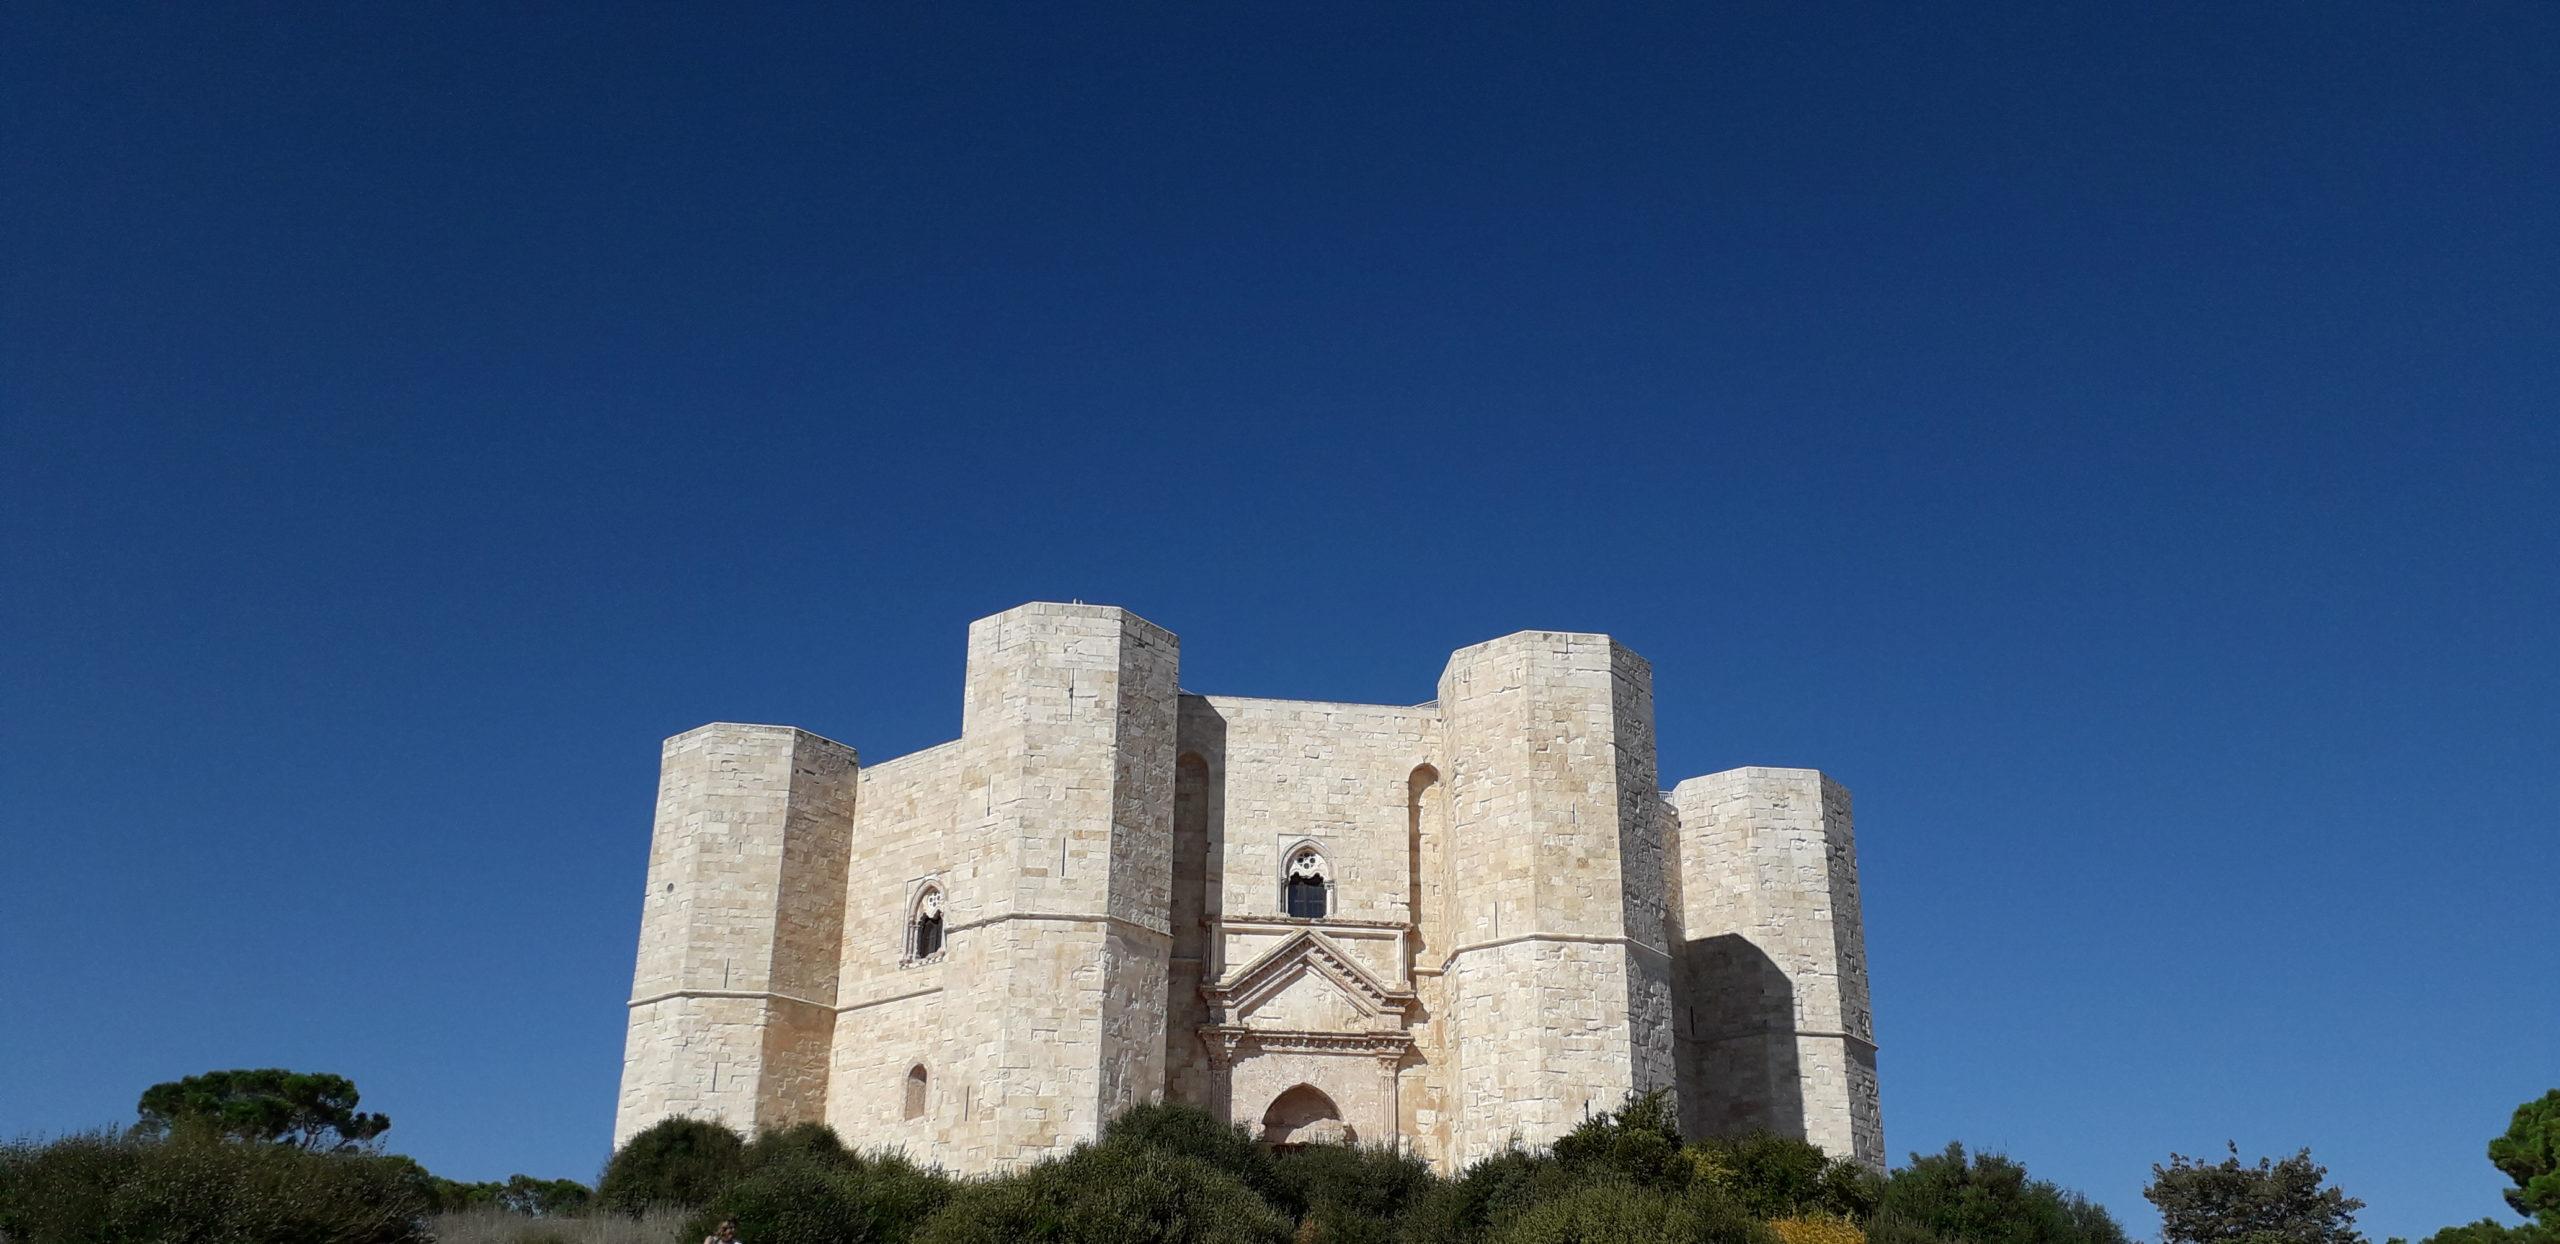 50 anni di Land Art. Quarta tappa per il Tavolo Territoriale in Puglia, con un progetto speciale di Antonio Marras